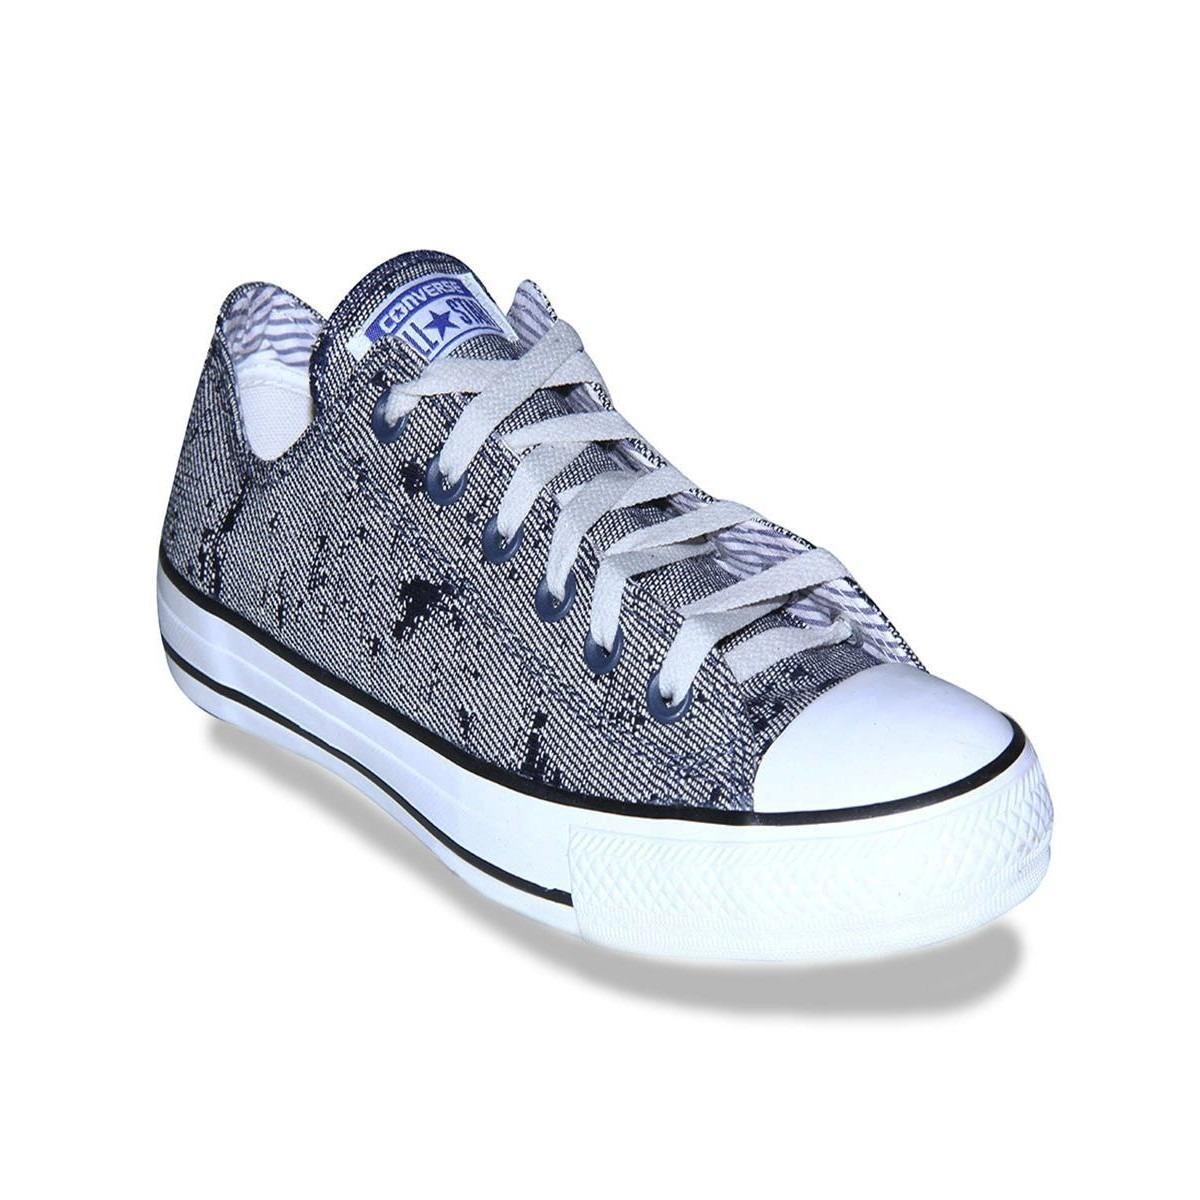 dd824273c tênis sapato all star converse masculino-promoção relâmpago! Carregando  zoom.